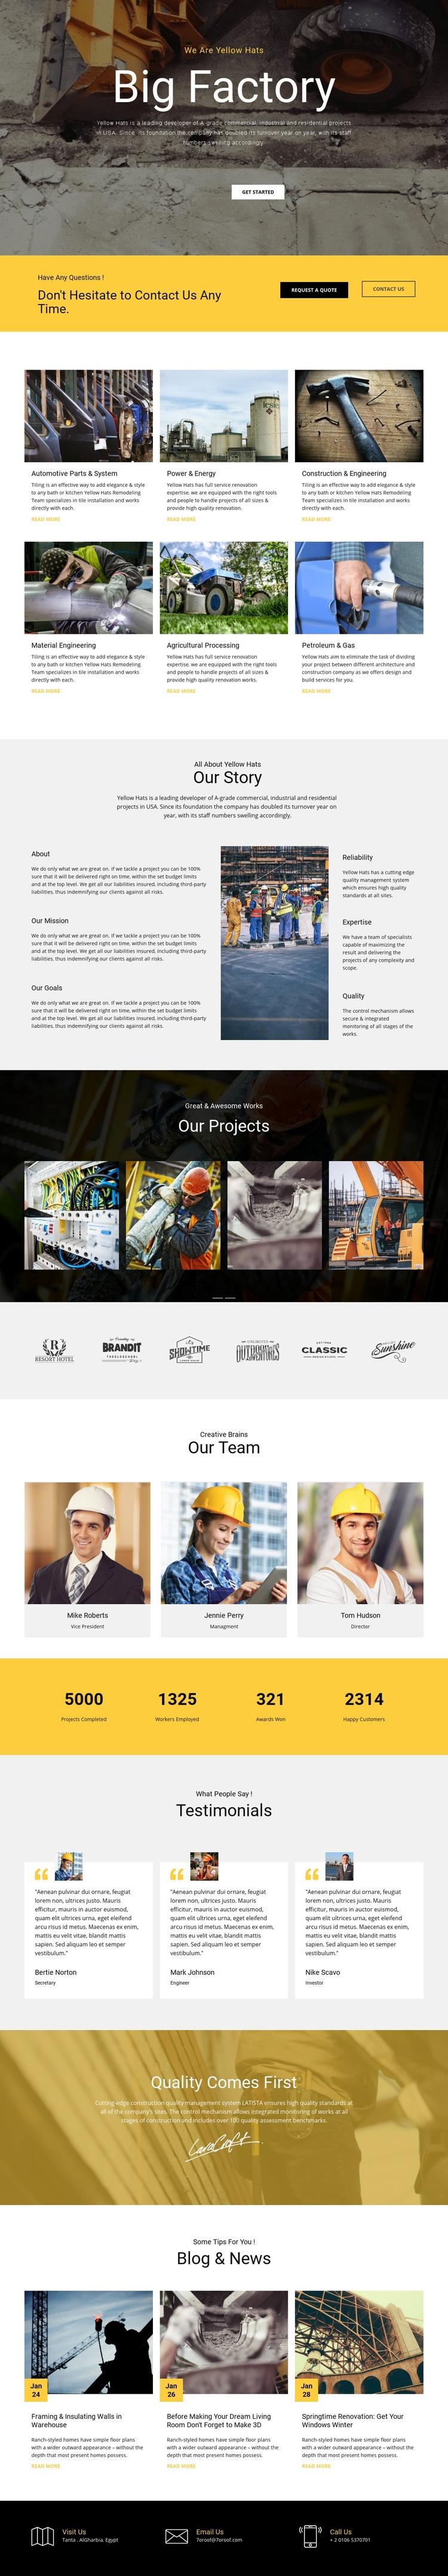 Factory works industrial Wysiwyg Editor Html